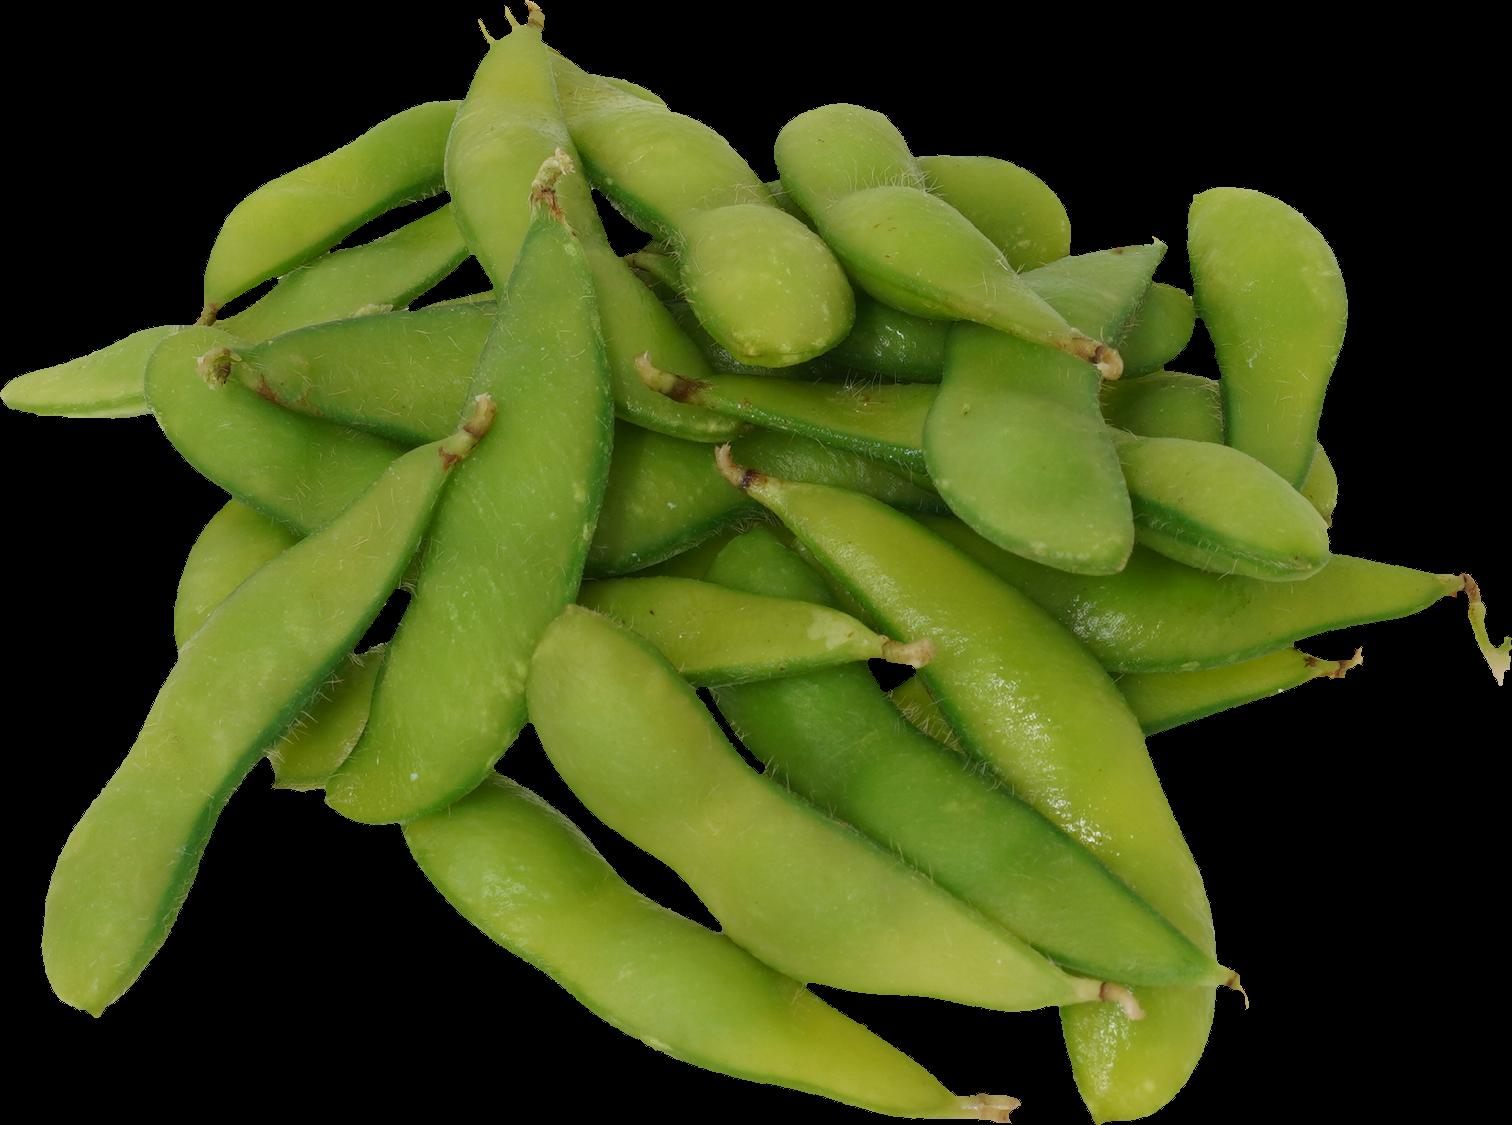 枝豆 商用可フリー画像・背景透過